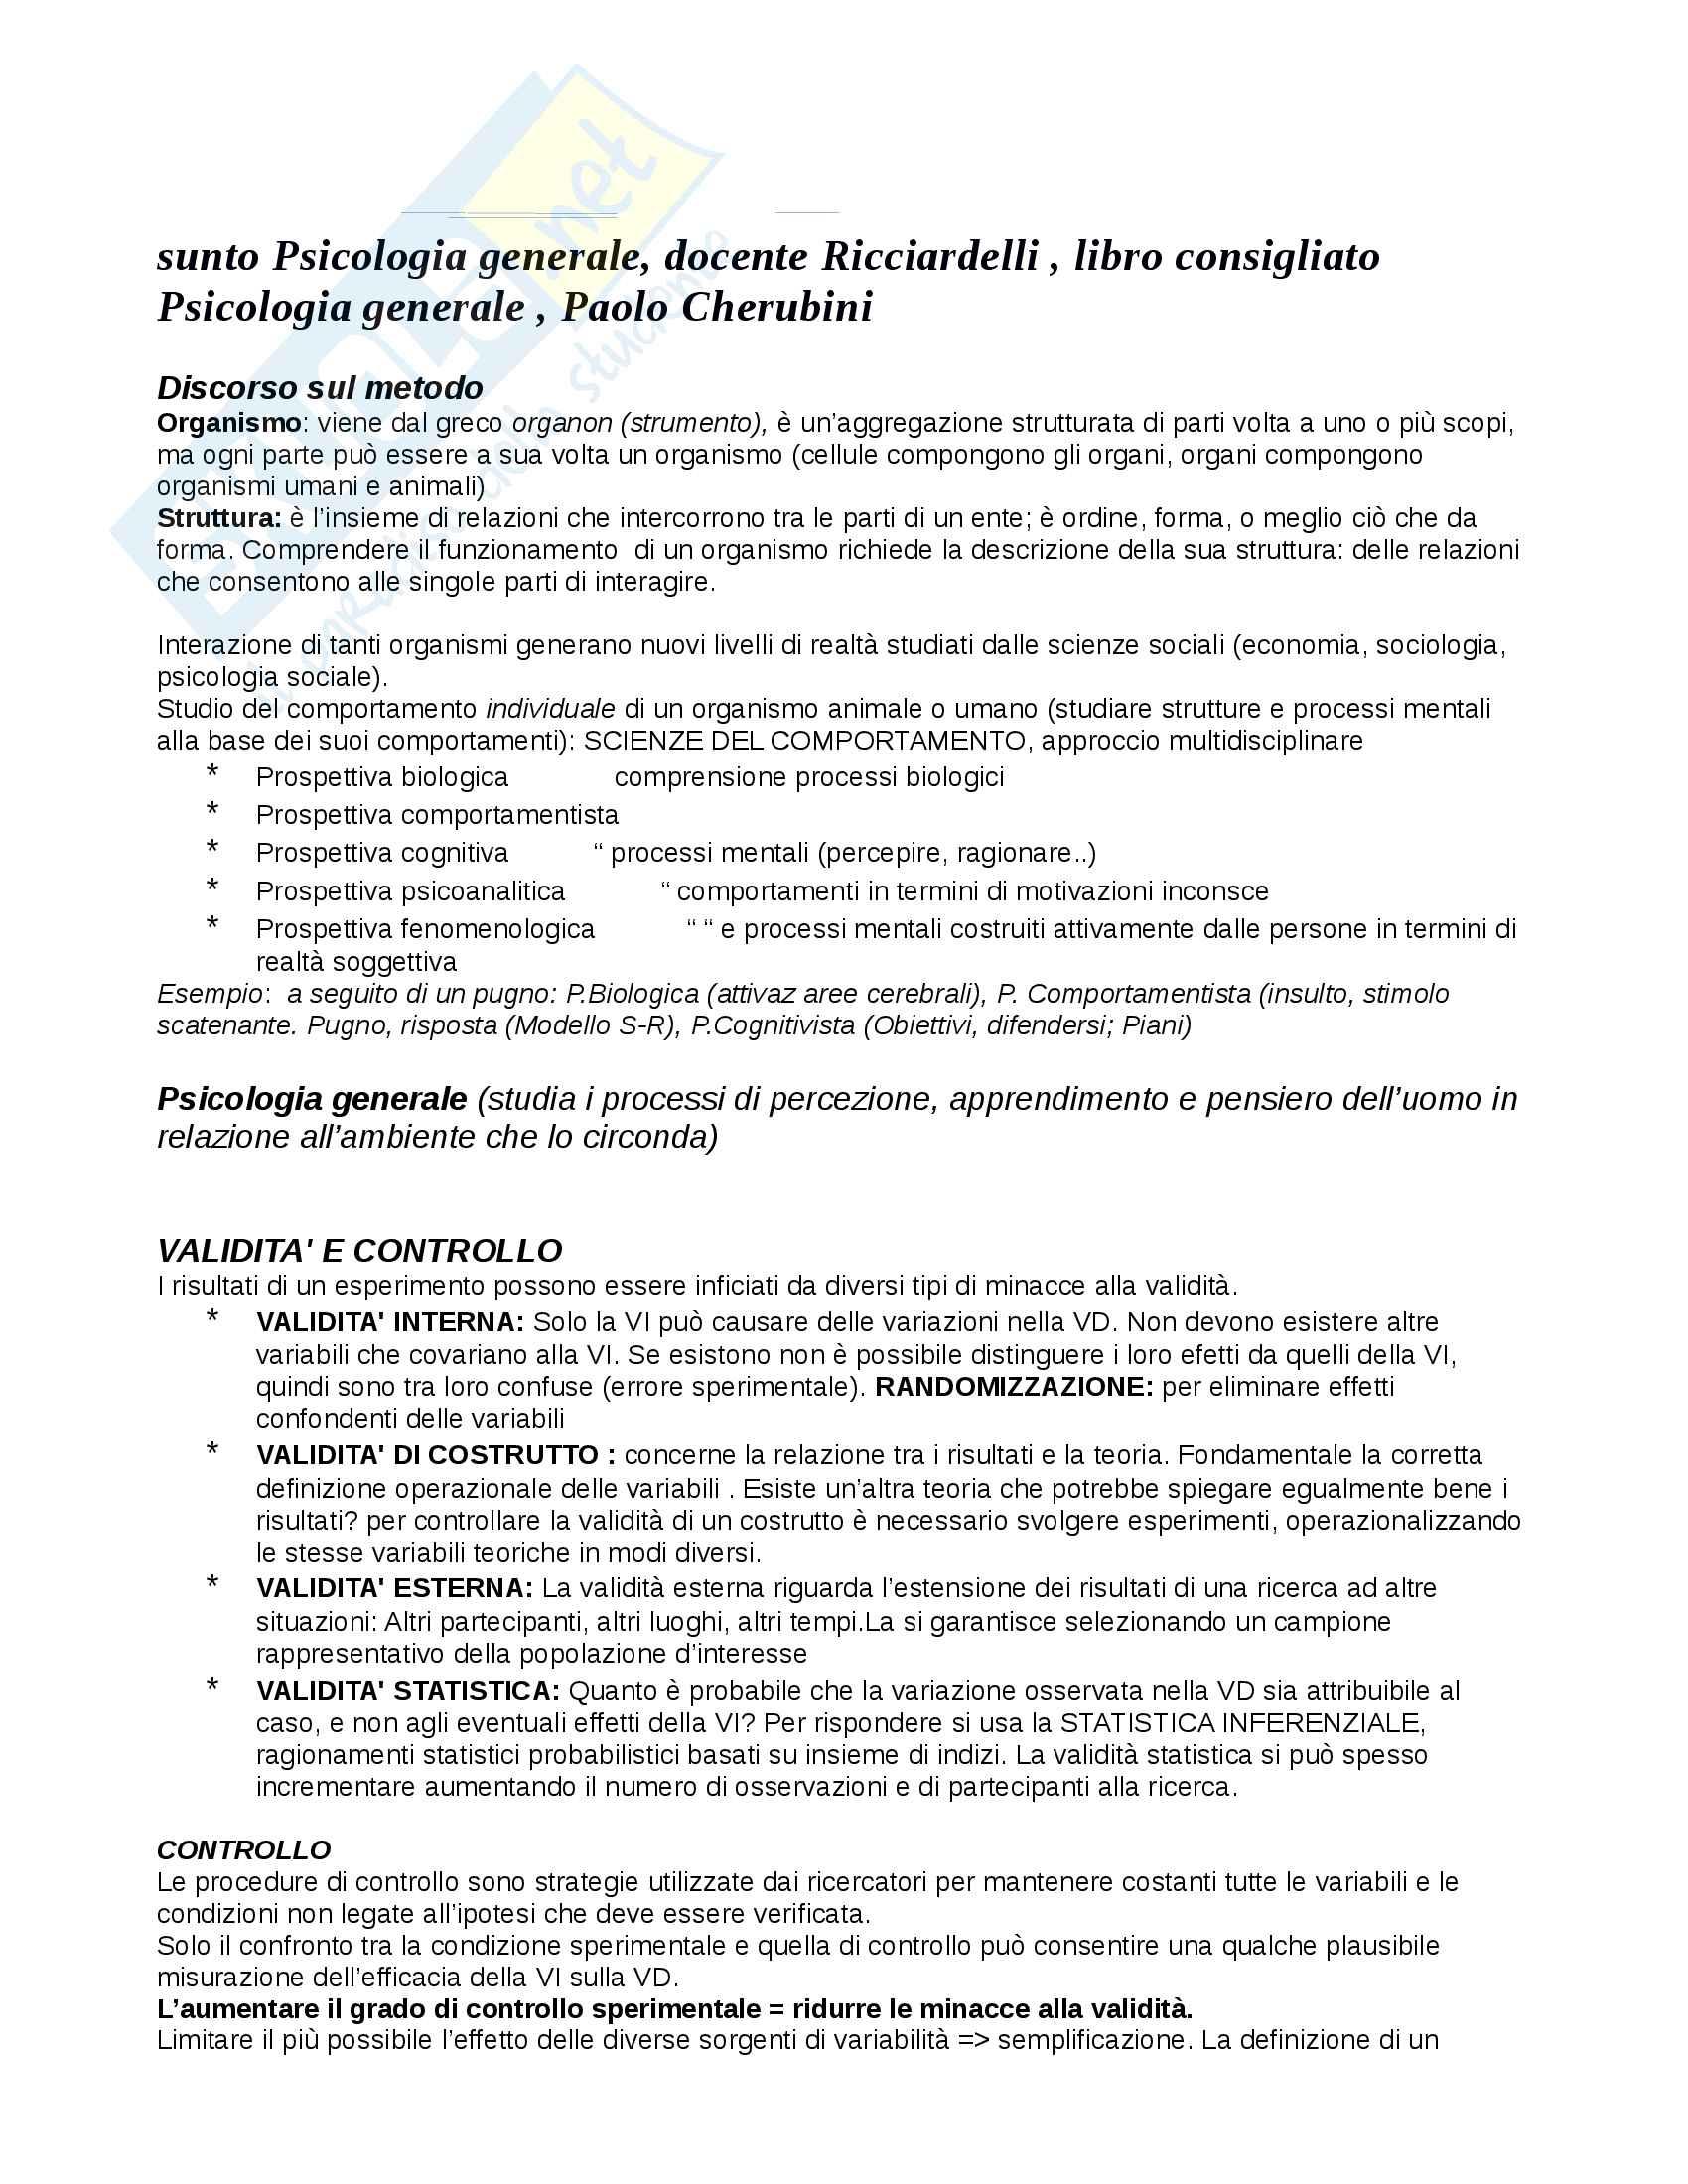 Riassunto esame Psicologia generale, docente Ricciardelli, libro consigliato Psicologia generale, Paolo Cherubini